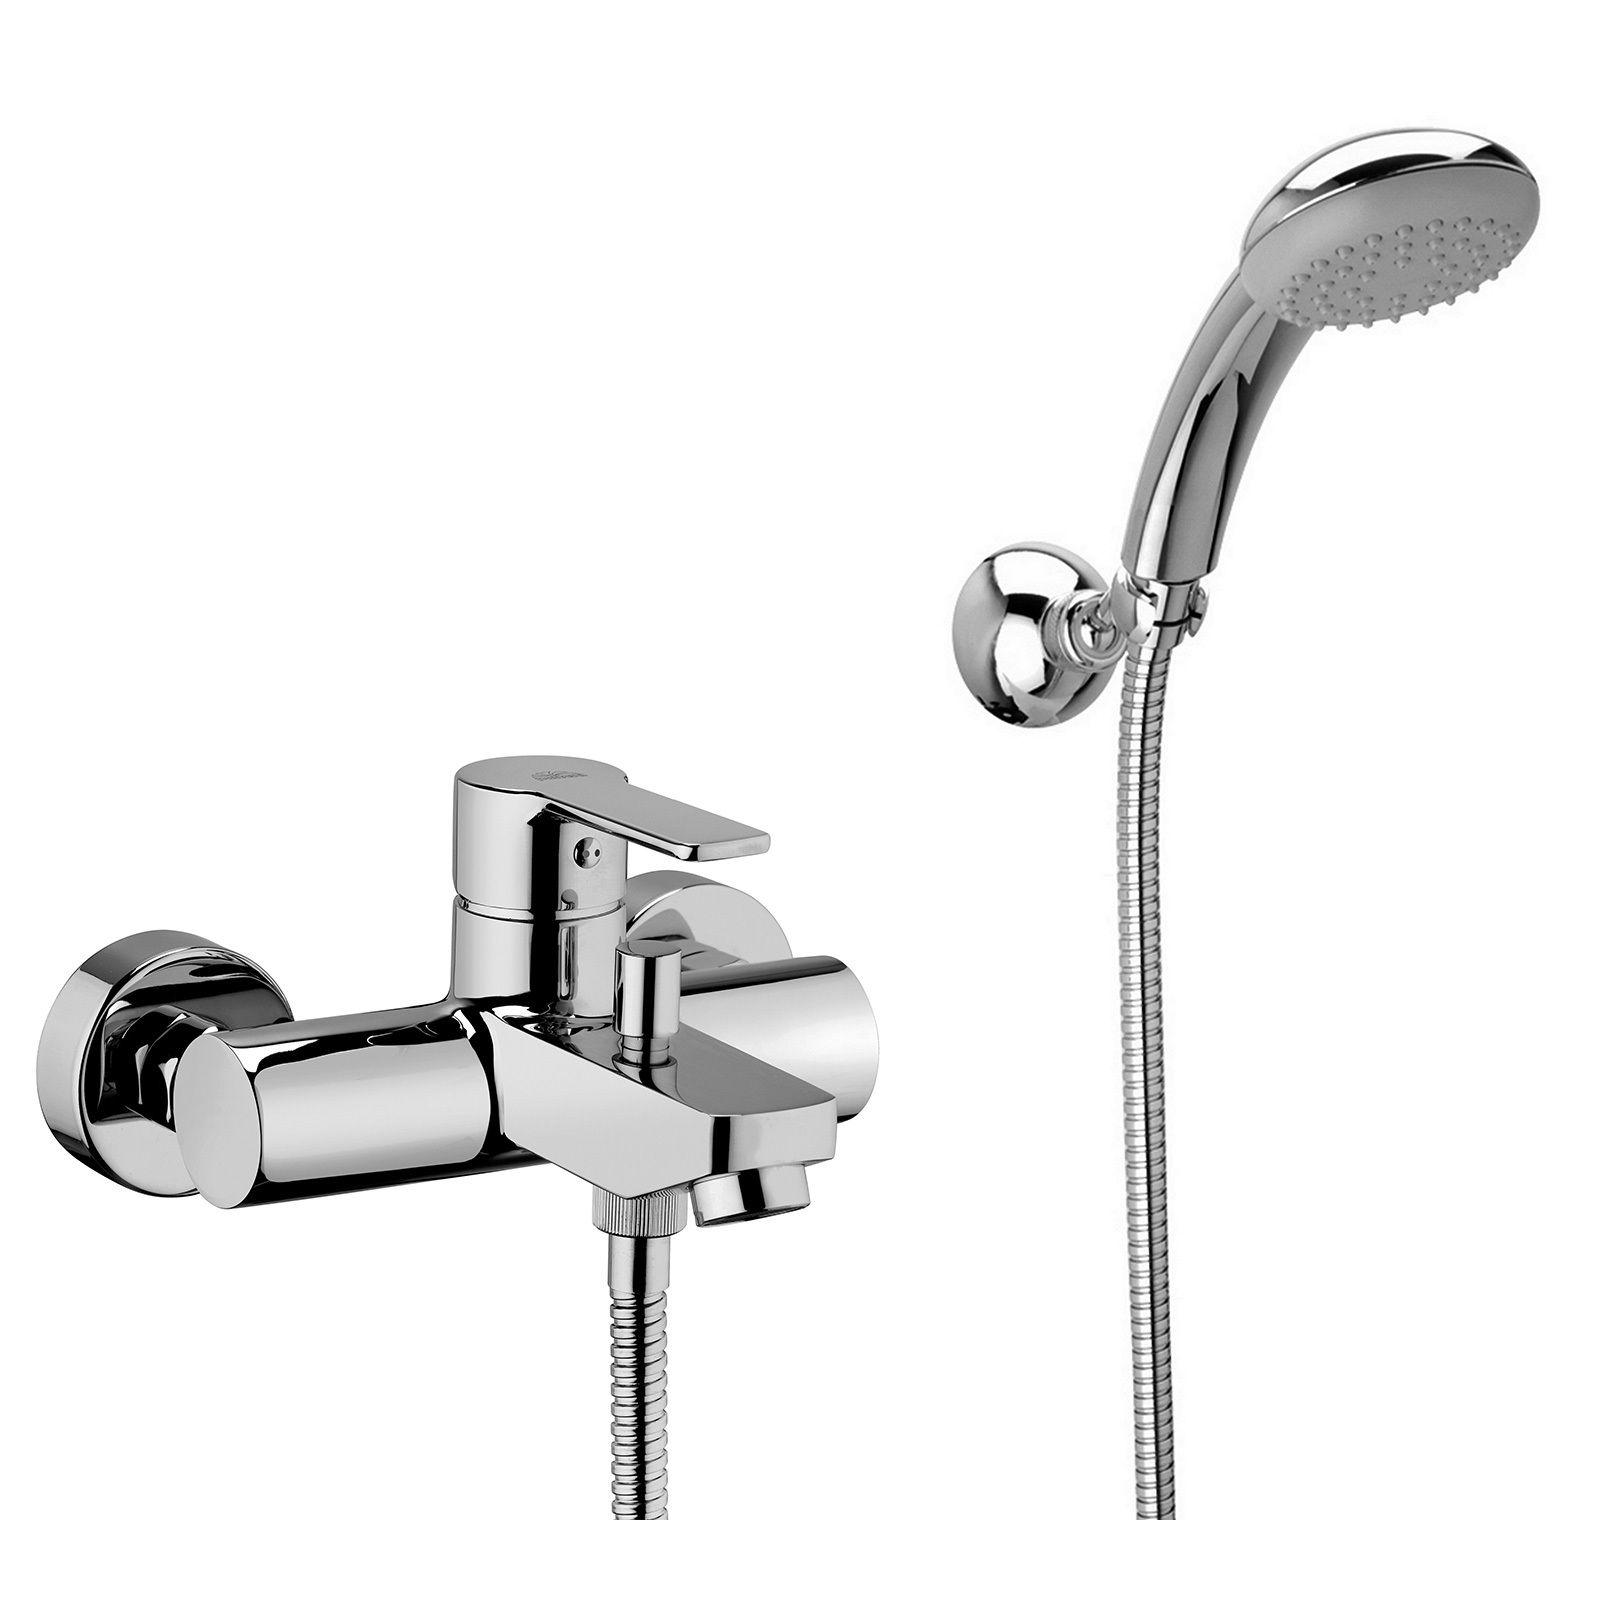 robinet mitigeur pour baignoire avec support mural articule douchette et tuyau flexible rb26